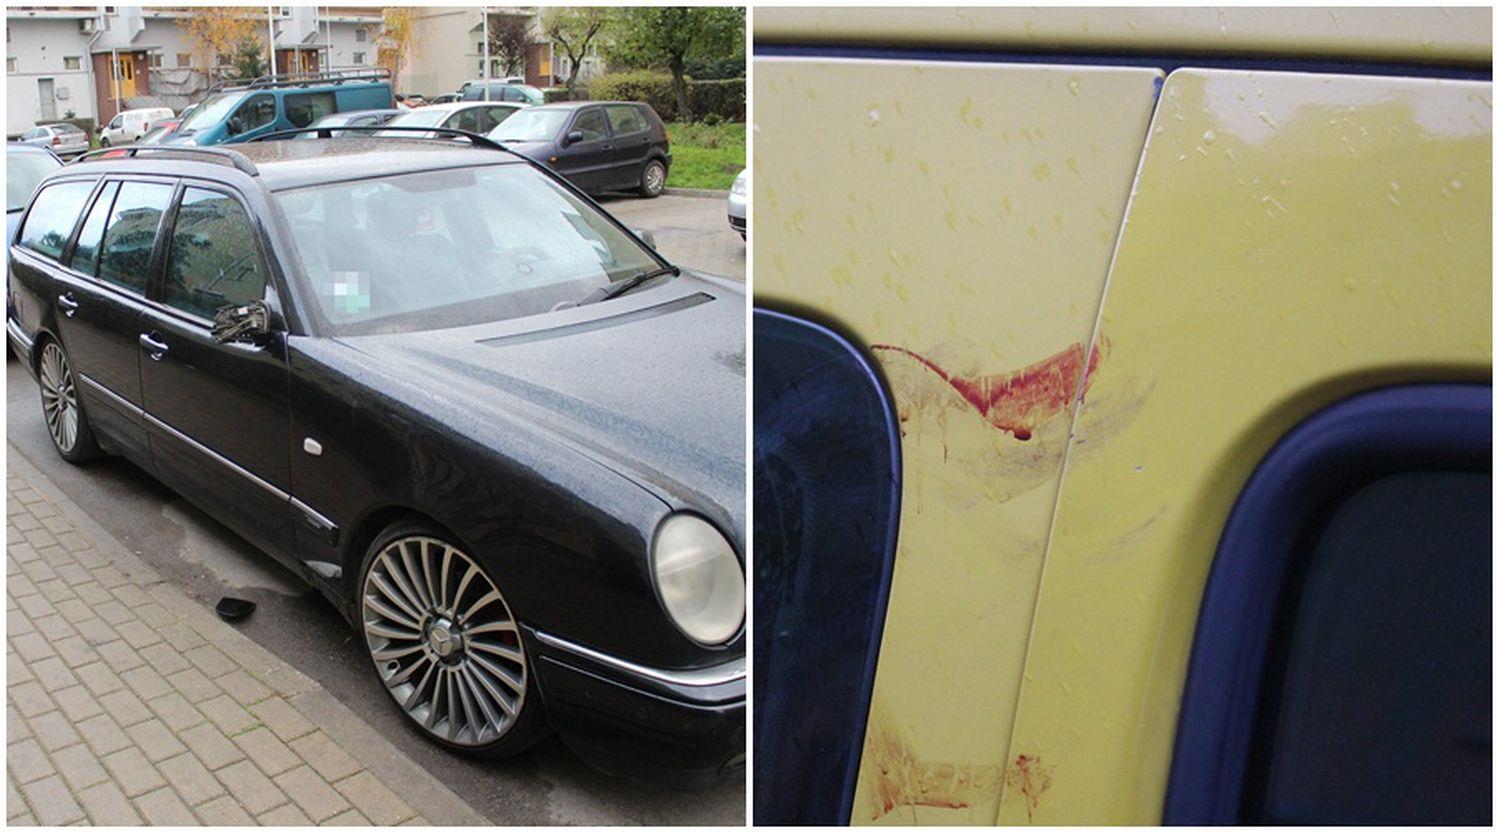 [ZDJĘCIA] Demolka w Kutnie. Uszkodzone samochody, ślady krwi na karoserii - Zdjęcie główne